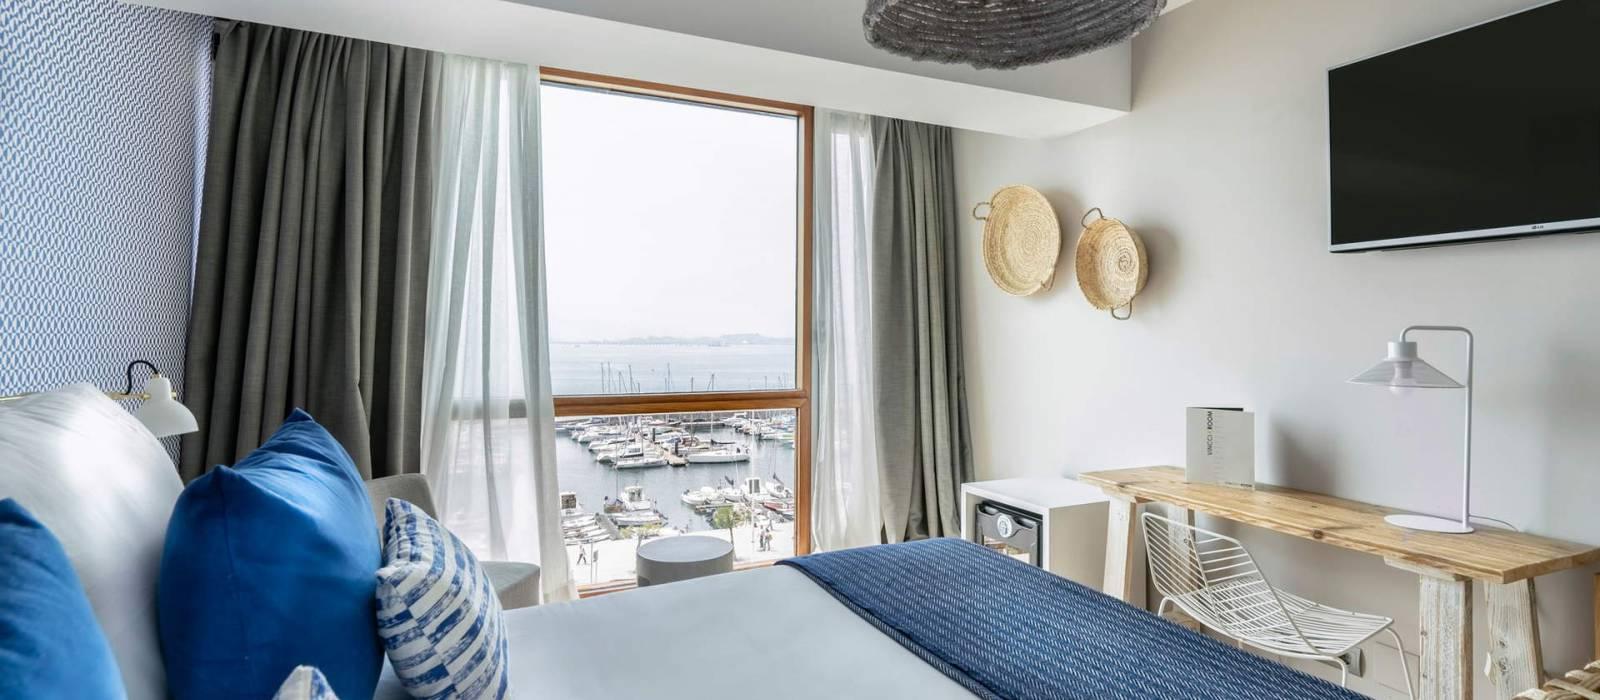 Doppelzimmer mit Meerblick. Hotel Zimmer Puertosantander - Vincci Hoteles